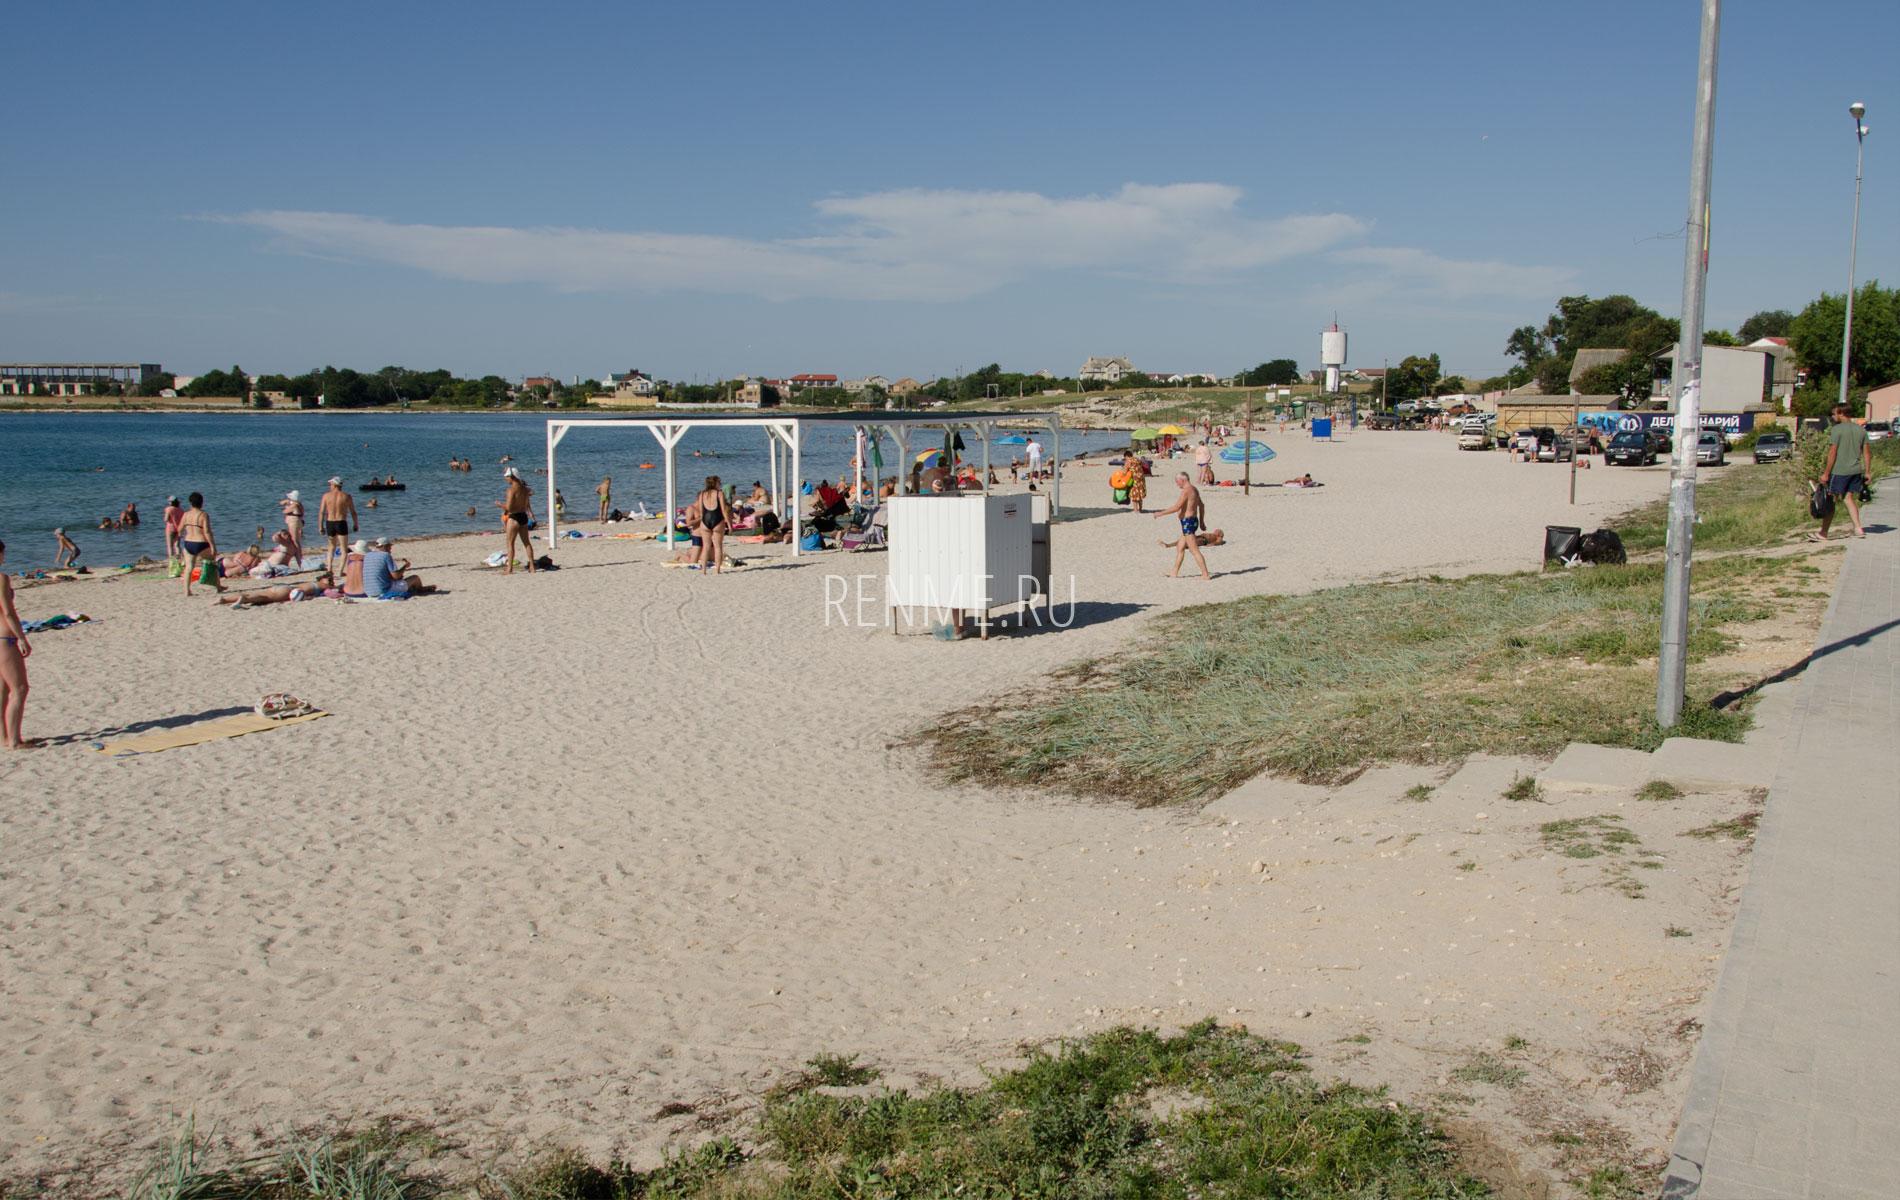 Песчаный пляж Черноморского 2019. Фото Черноморского